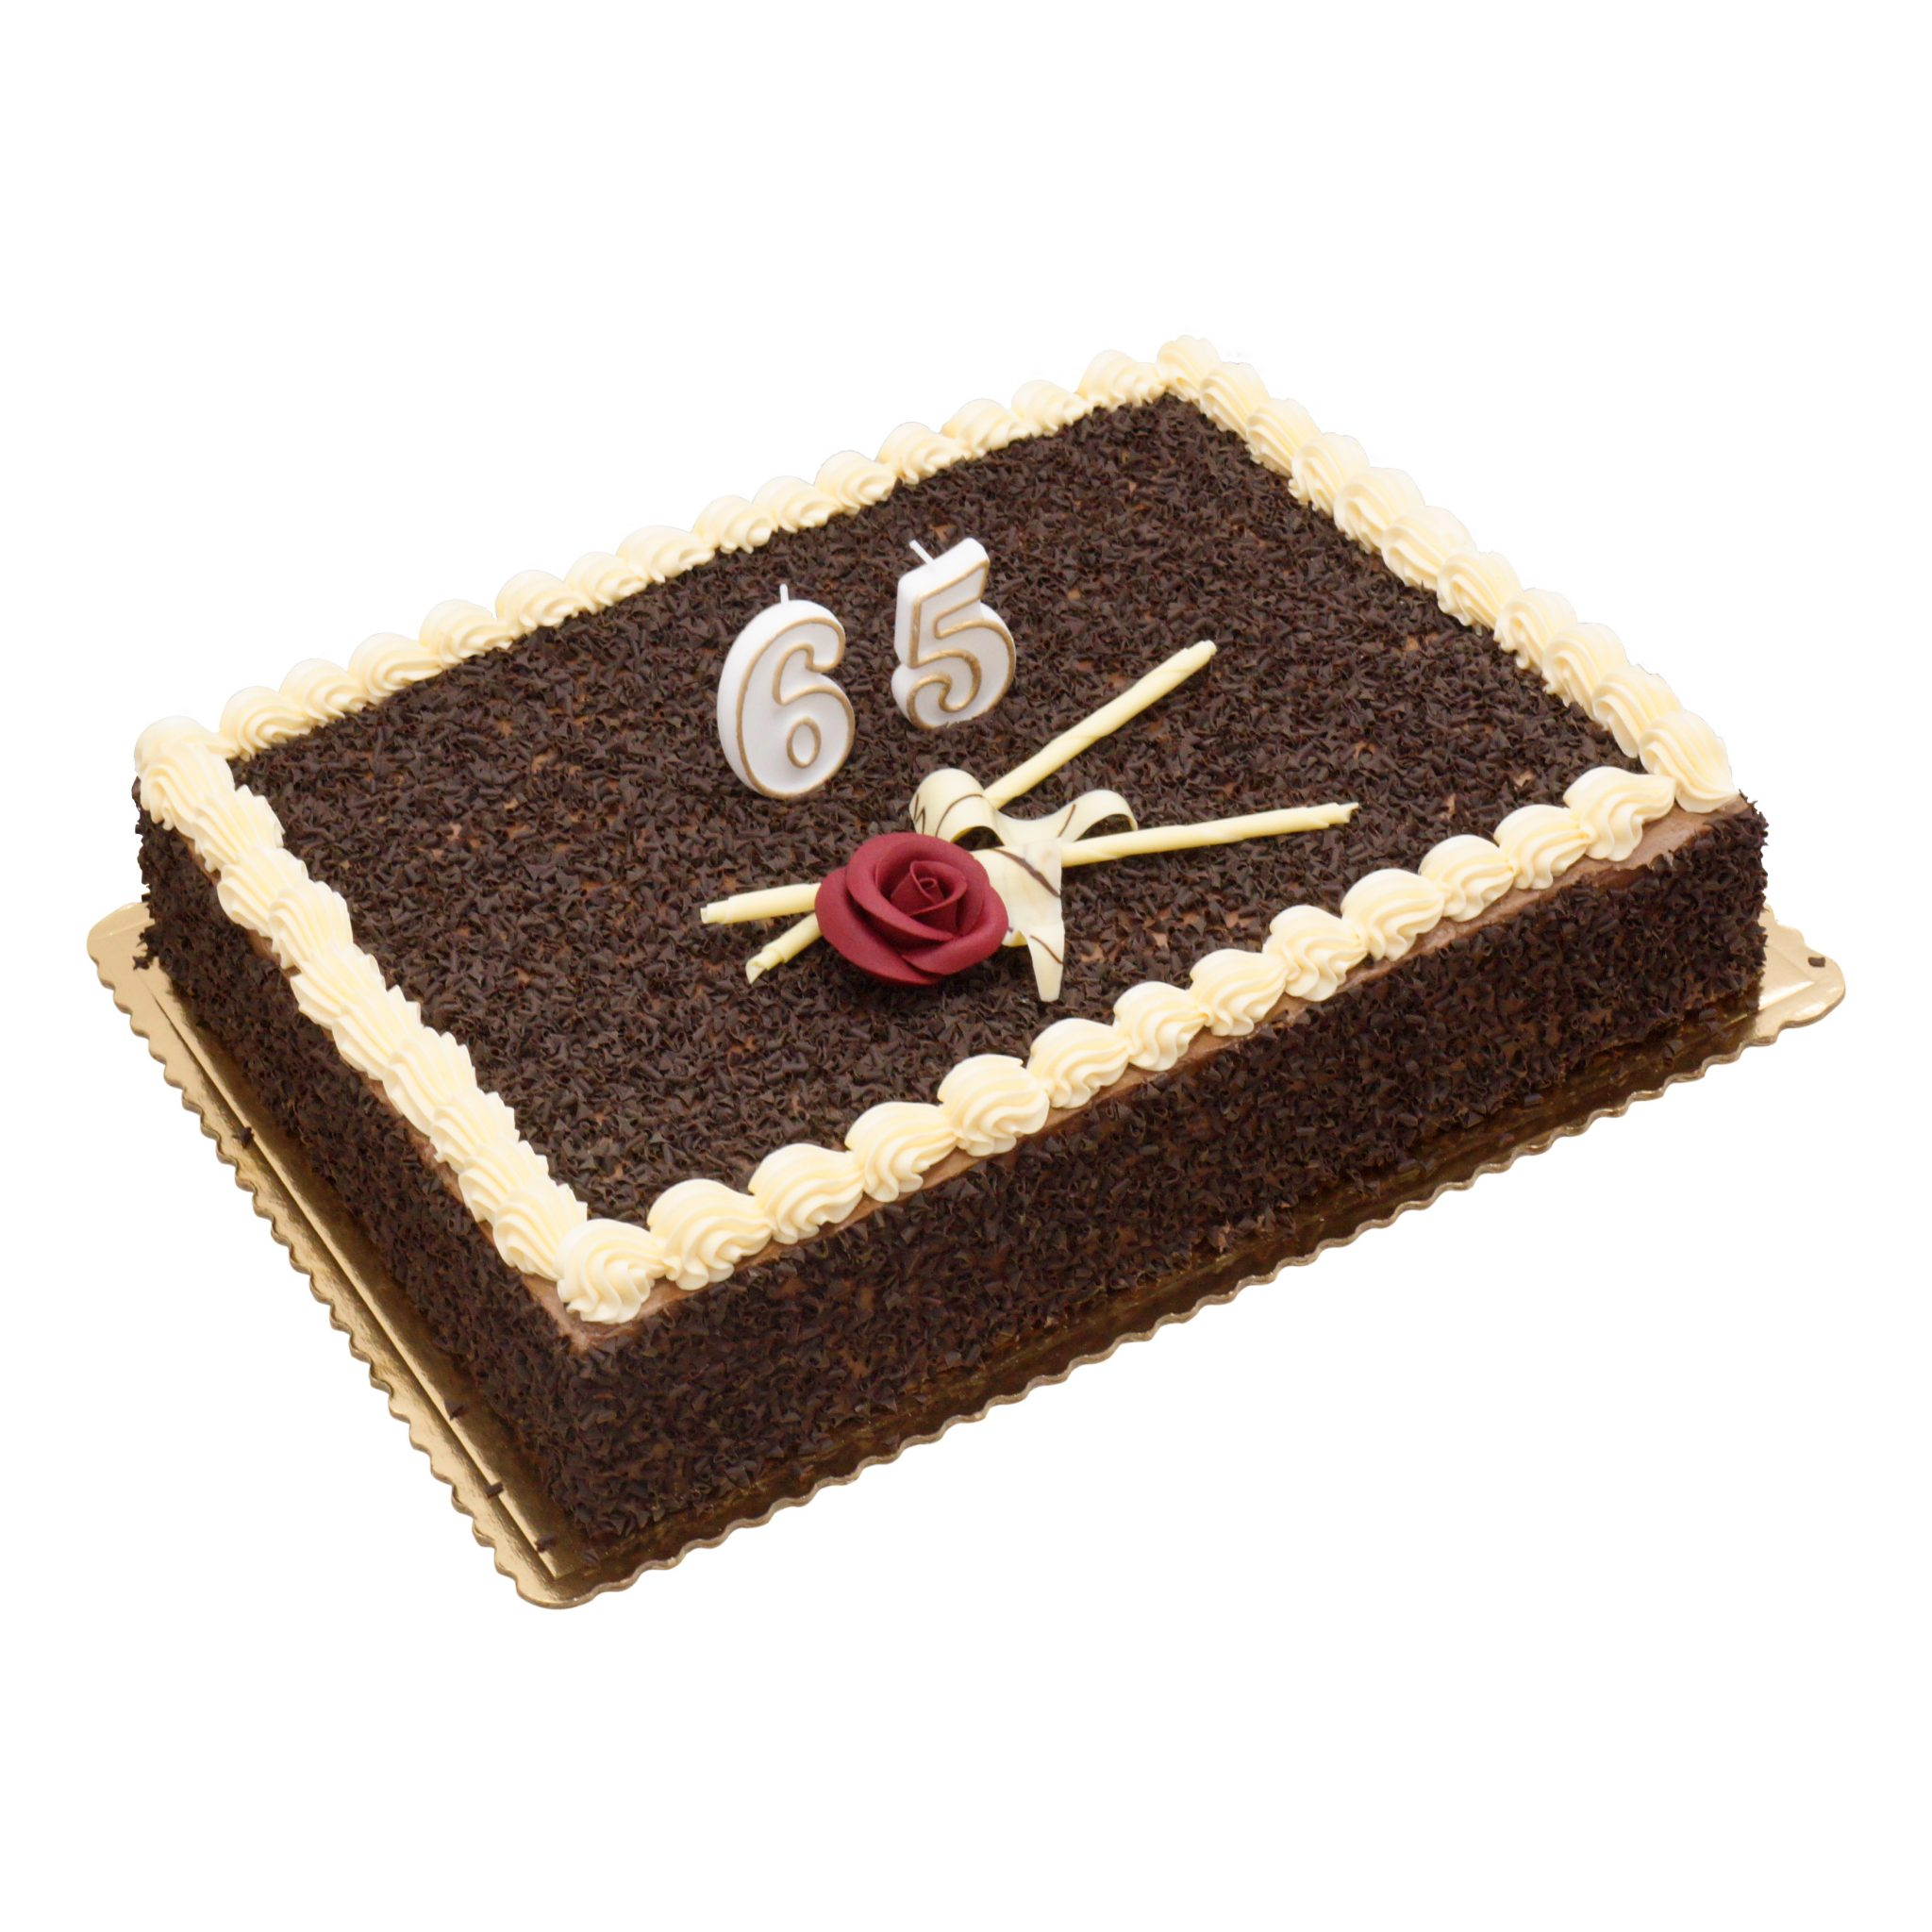 tort ze świeczkami 65